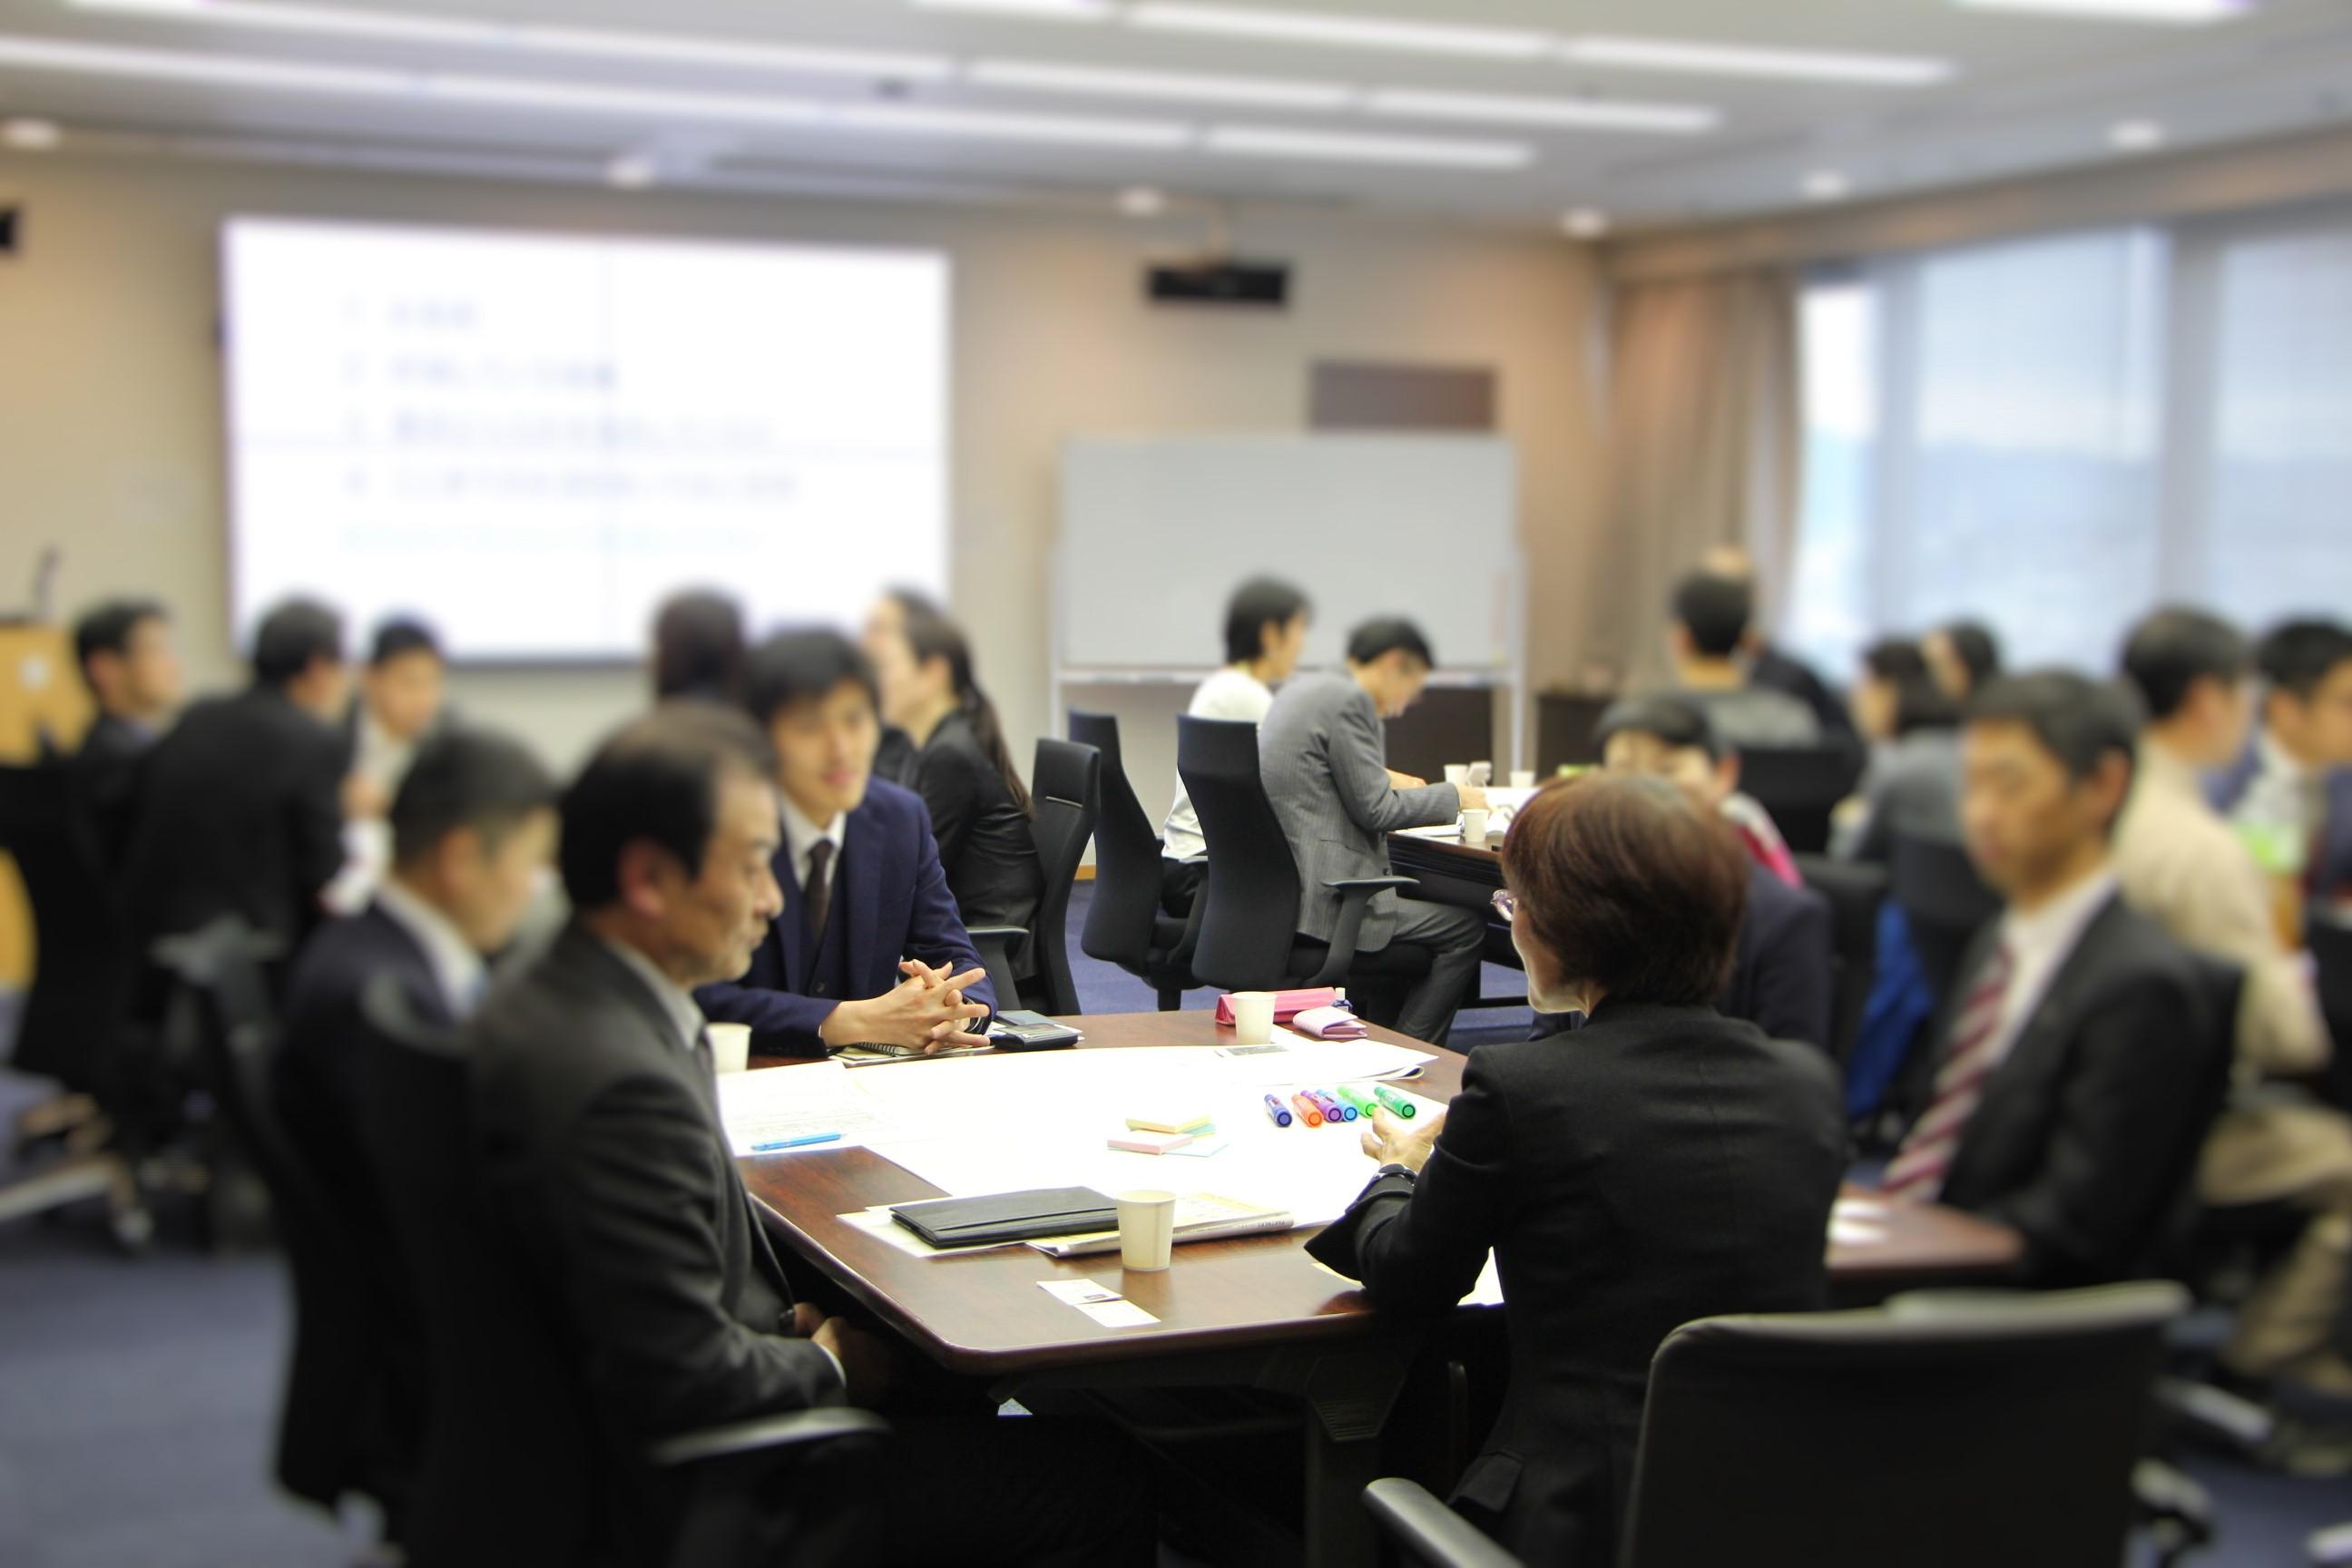 \従業員の声からつくる/  京の企業「働き方改革チャレンジプログラム」参加企業の募集について